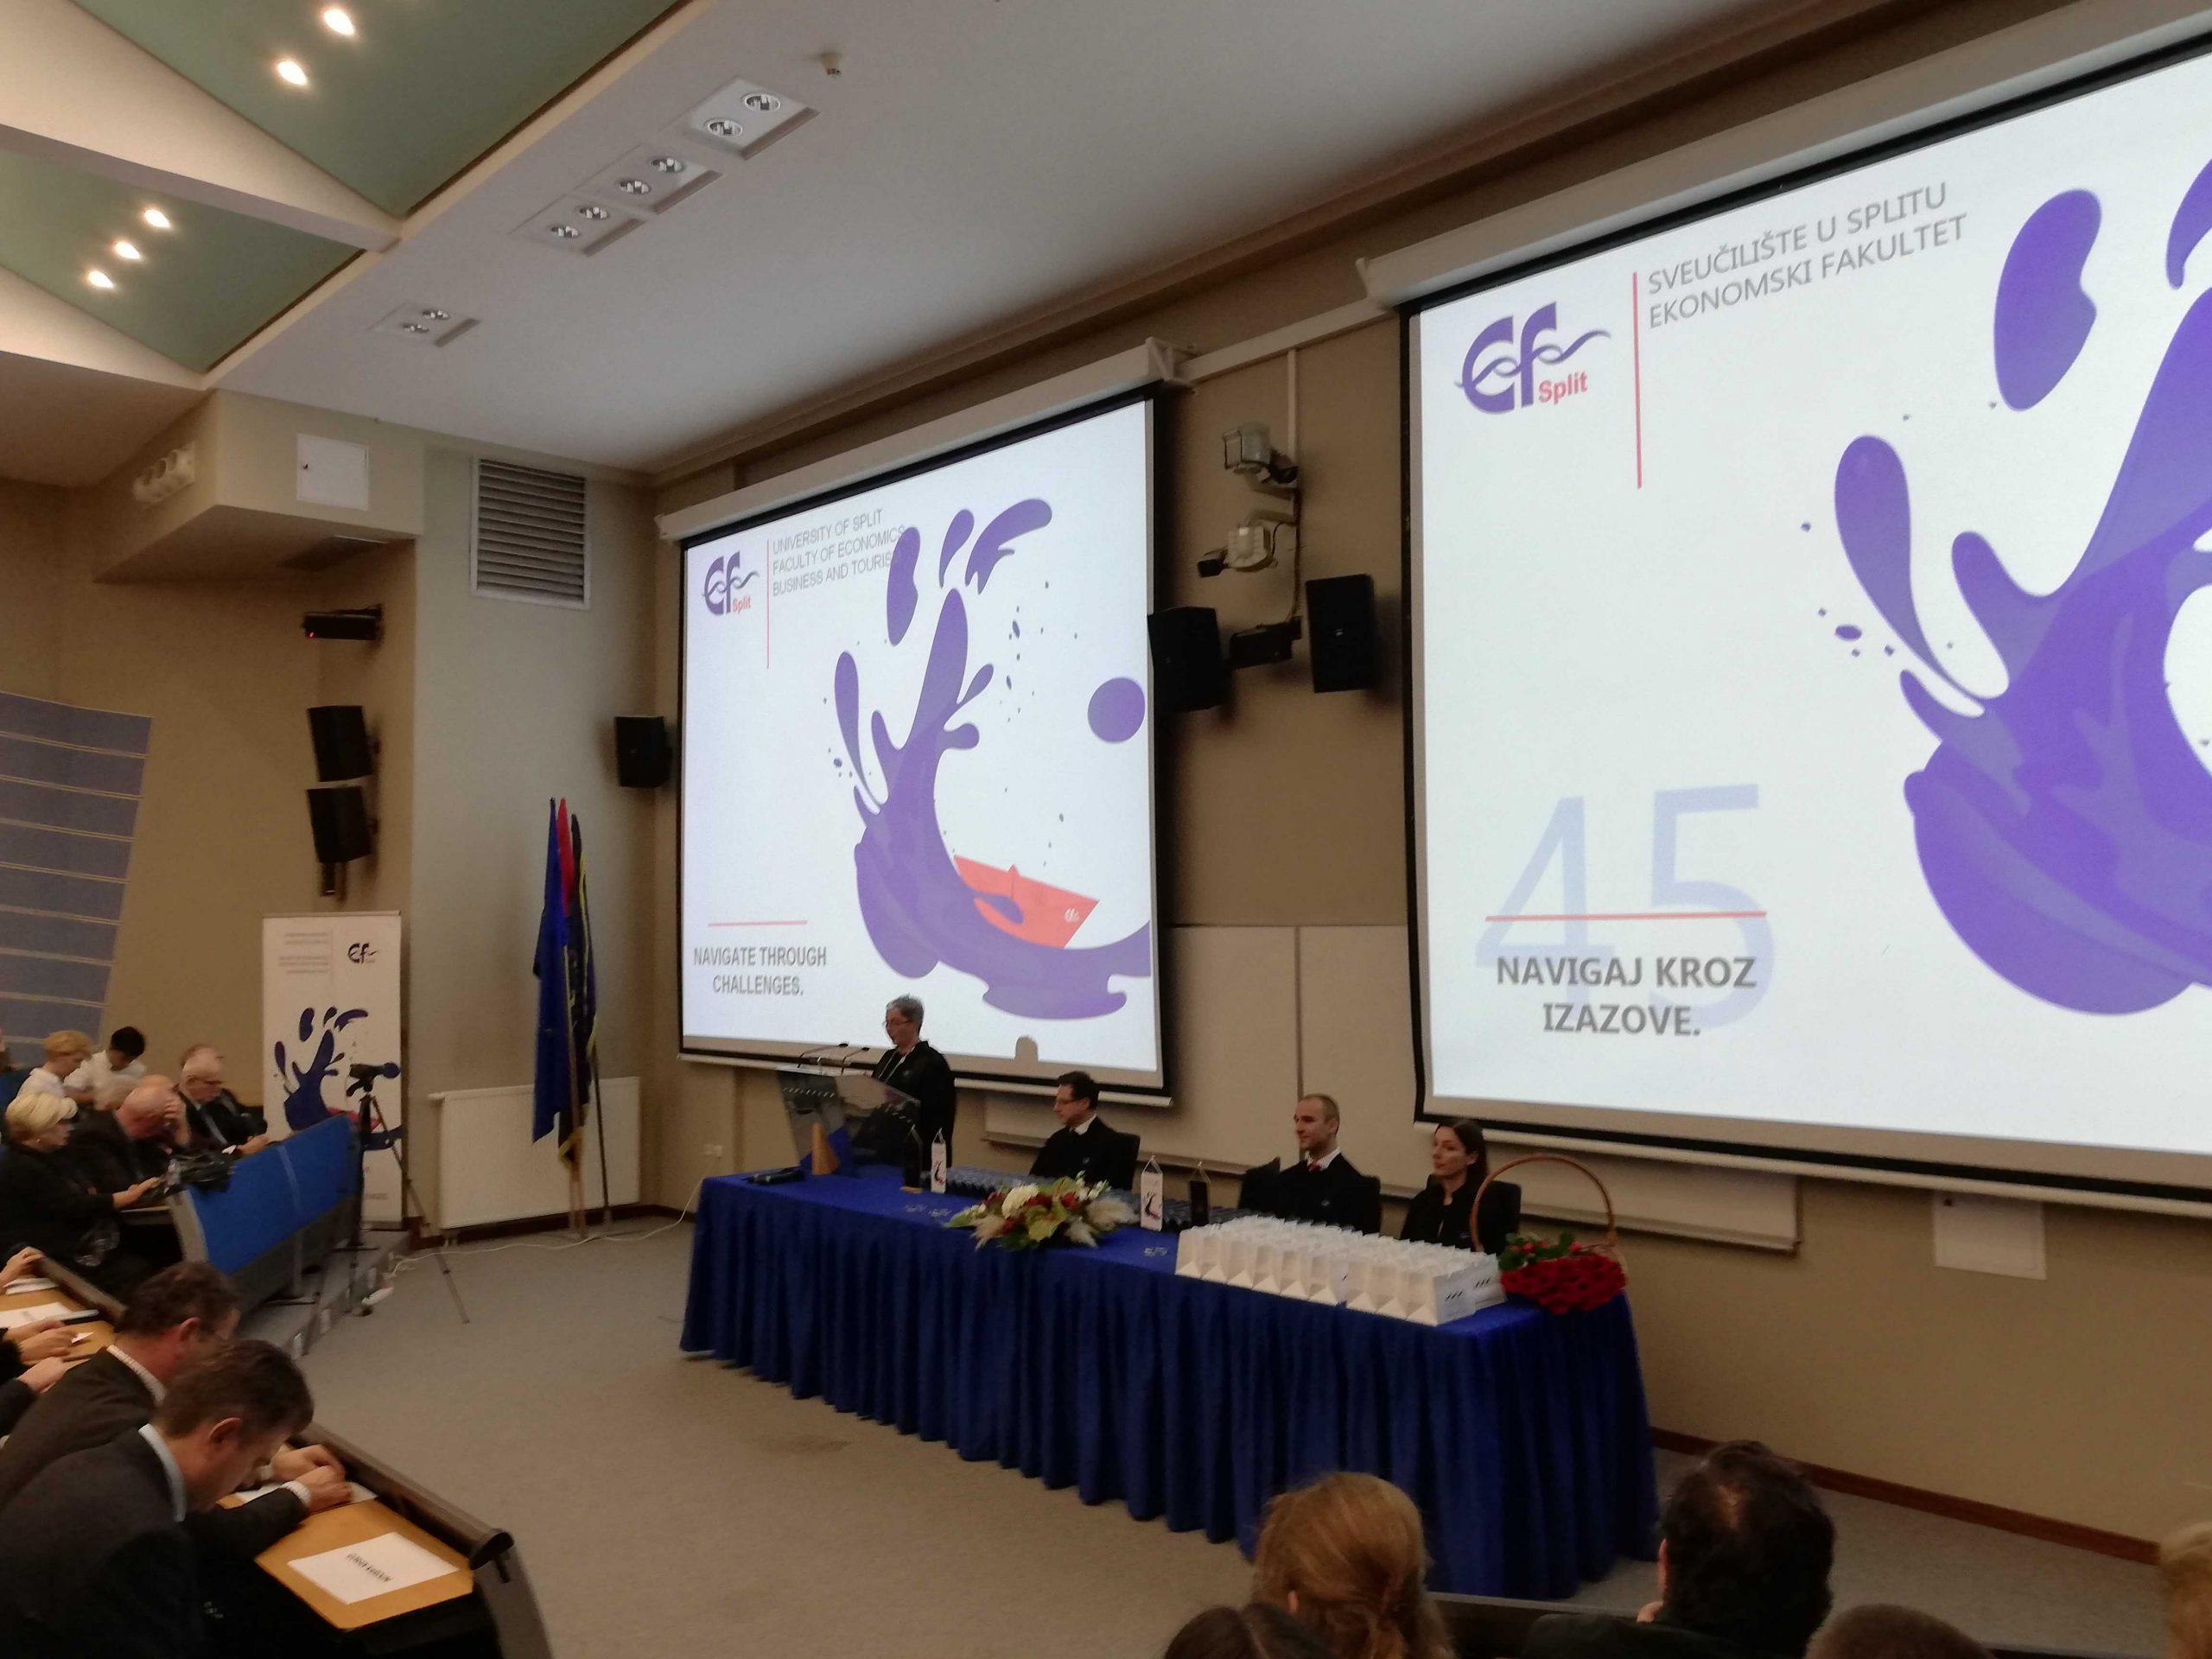 Udruga Sunce Split dobila posebno priznanje EFST-a